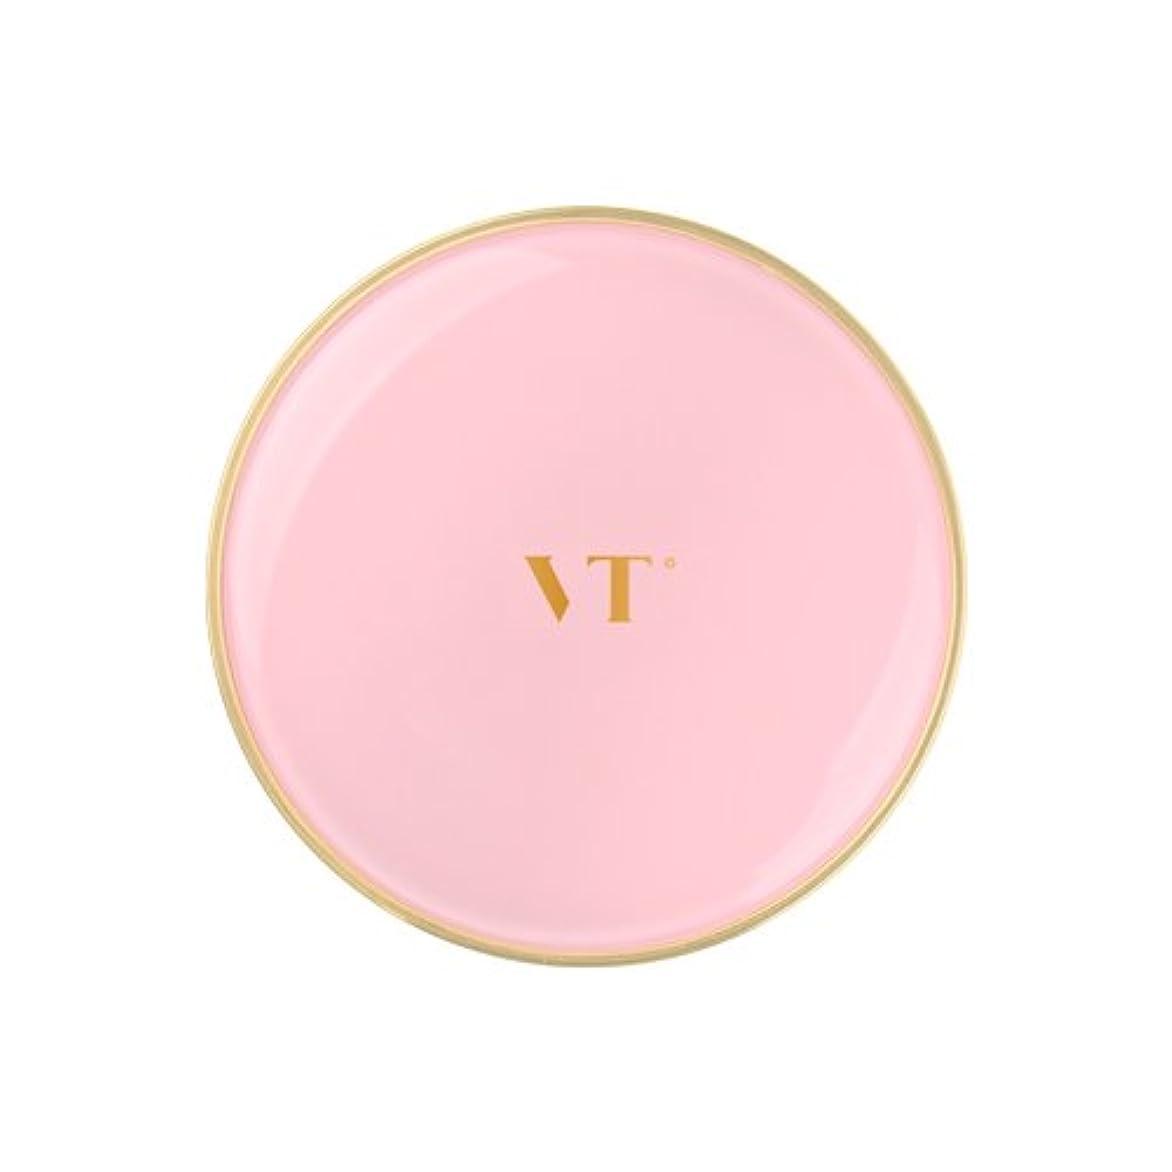 監査あいまいさどうやってVT Collagen Pact 11g/ブイティー コラーゲン パクト 11g [並行輸入品]